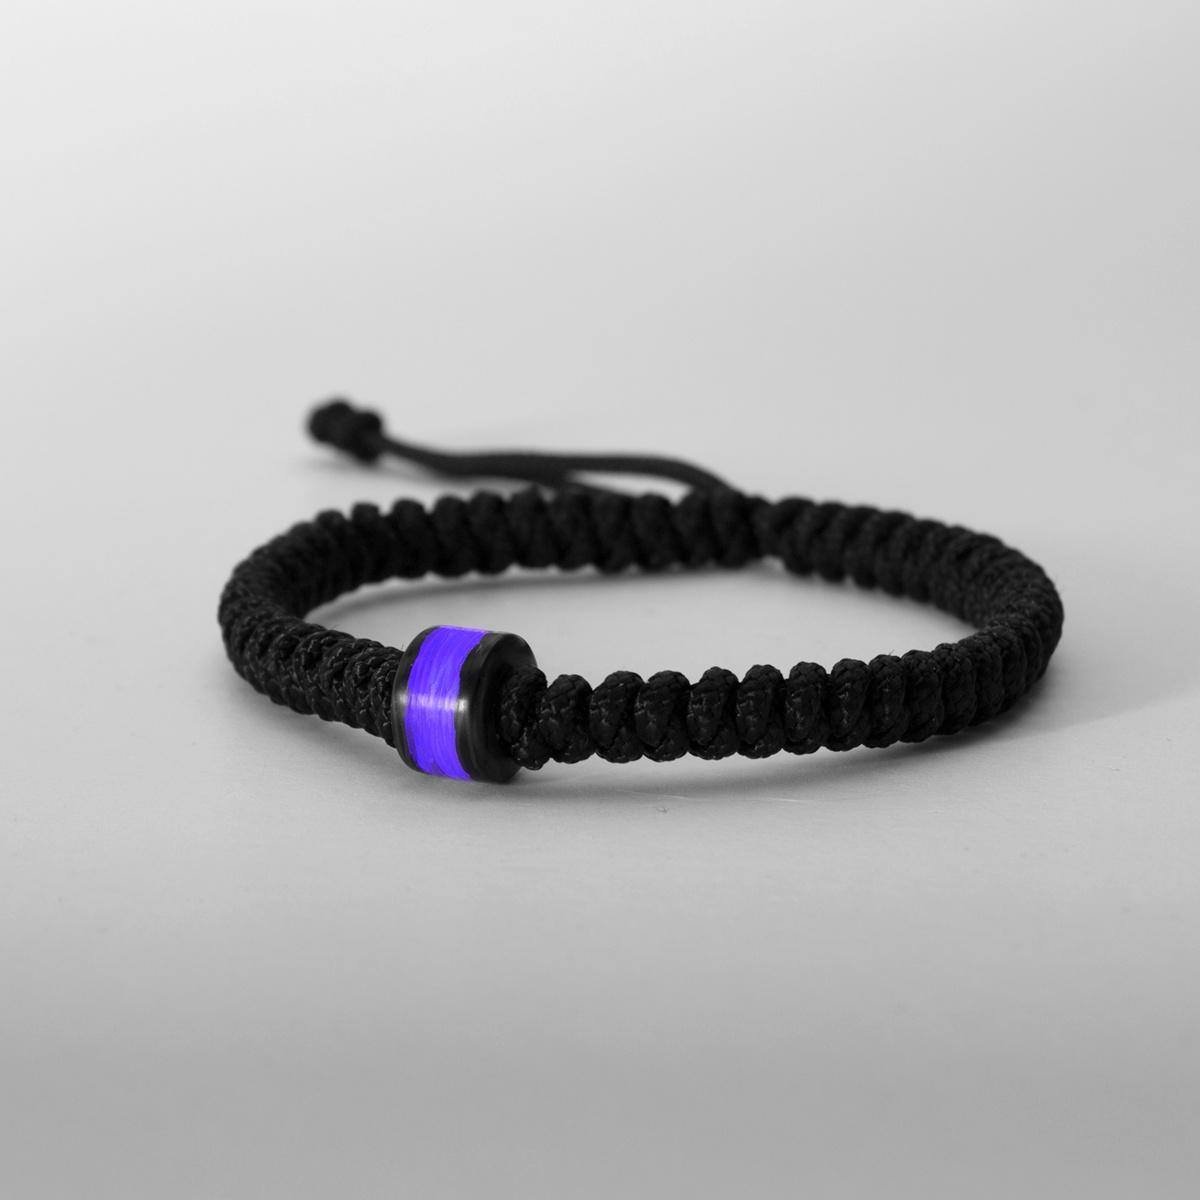 Purple Gitd Carbon Fiber Bead Bracelet